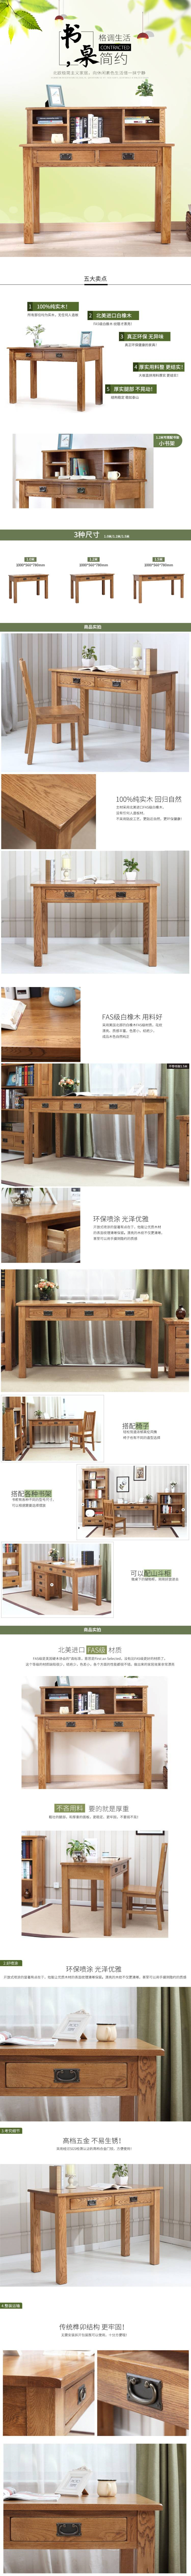 简约实木书桌办公家具详情页